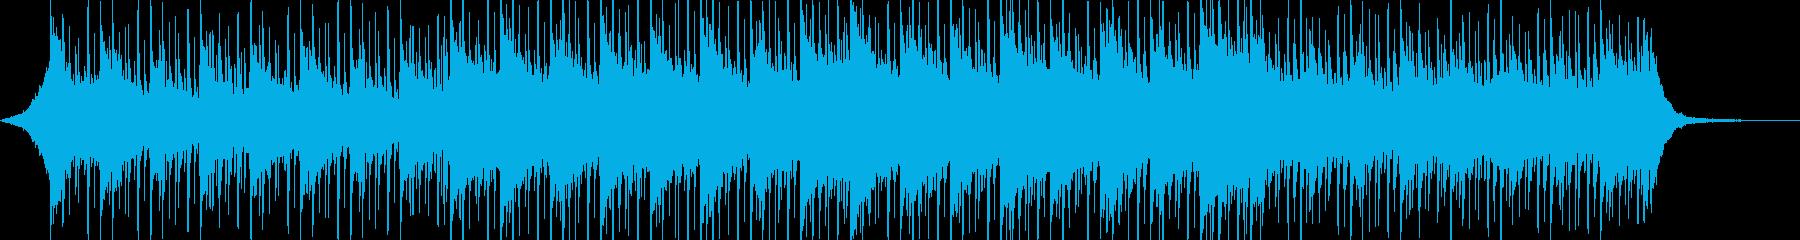 温かい企業VPの再生済みの波形